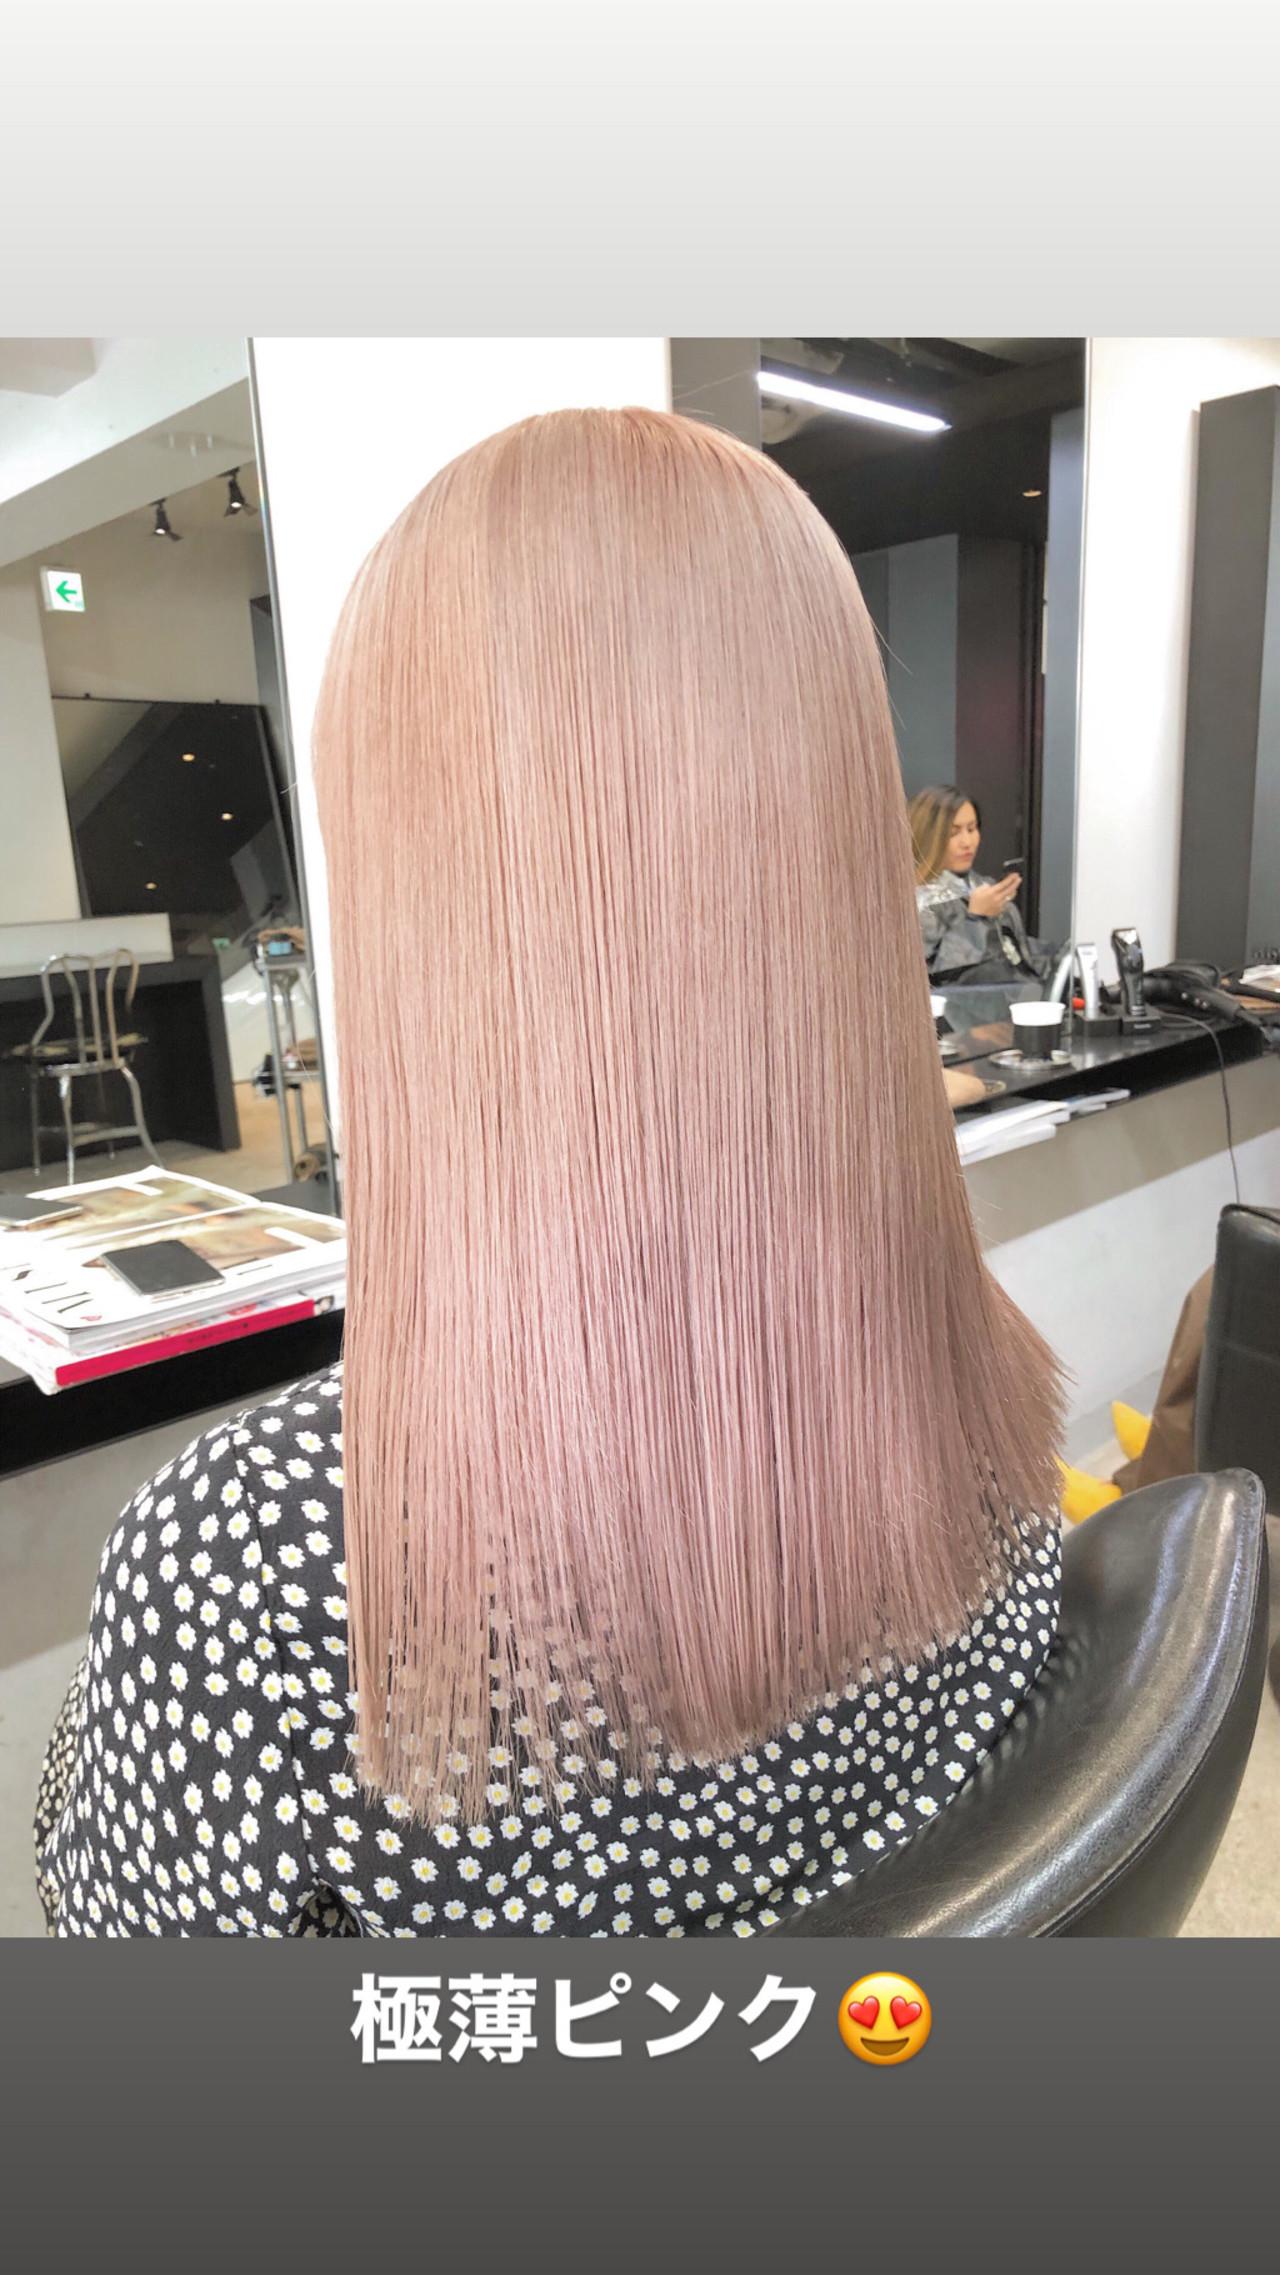 ロング ブリーチ必須 ホワイトブリーチ ピンクベージュ ヘアスタイルや髪型の写真・画像 | 原田亮輔 / LOWE